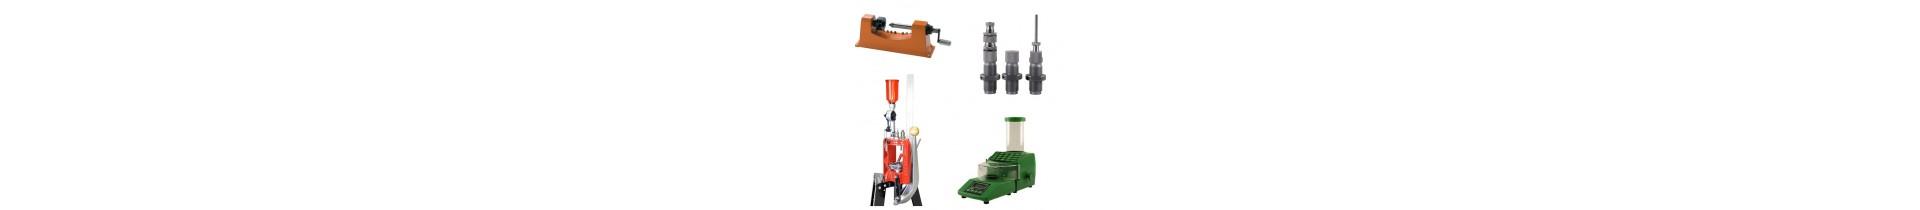 Découvrez notre stock important de matériels et de composant de rechargements.